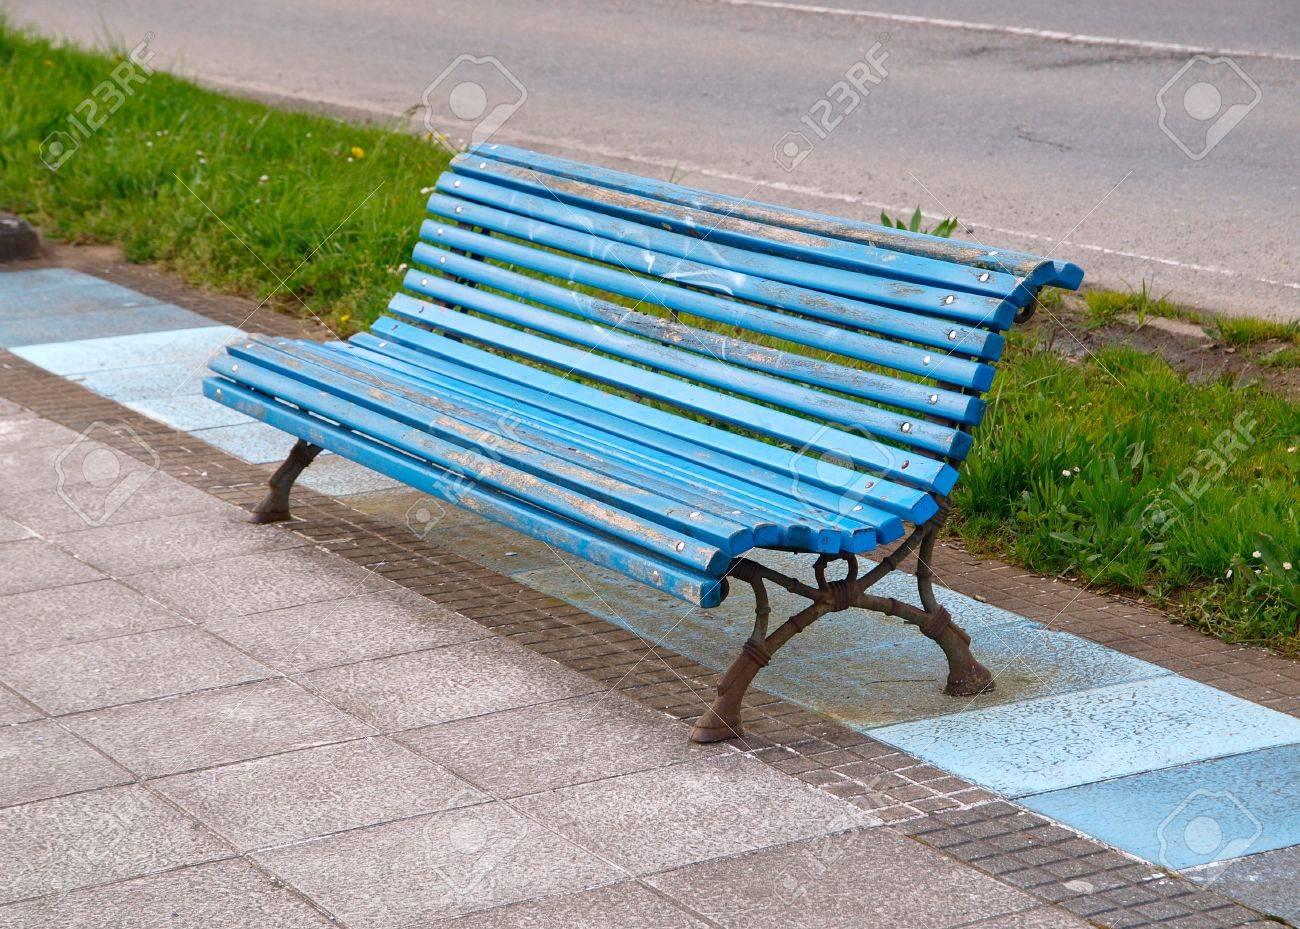 Imagenes De Bancos Para Sentarse Nuevo De Clase B Banco De  ~ Imagenes De Bancos Para Sentarse